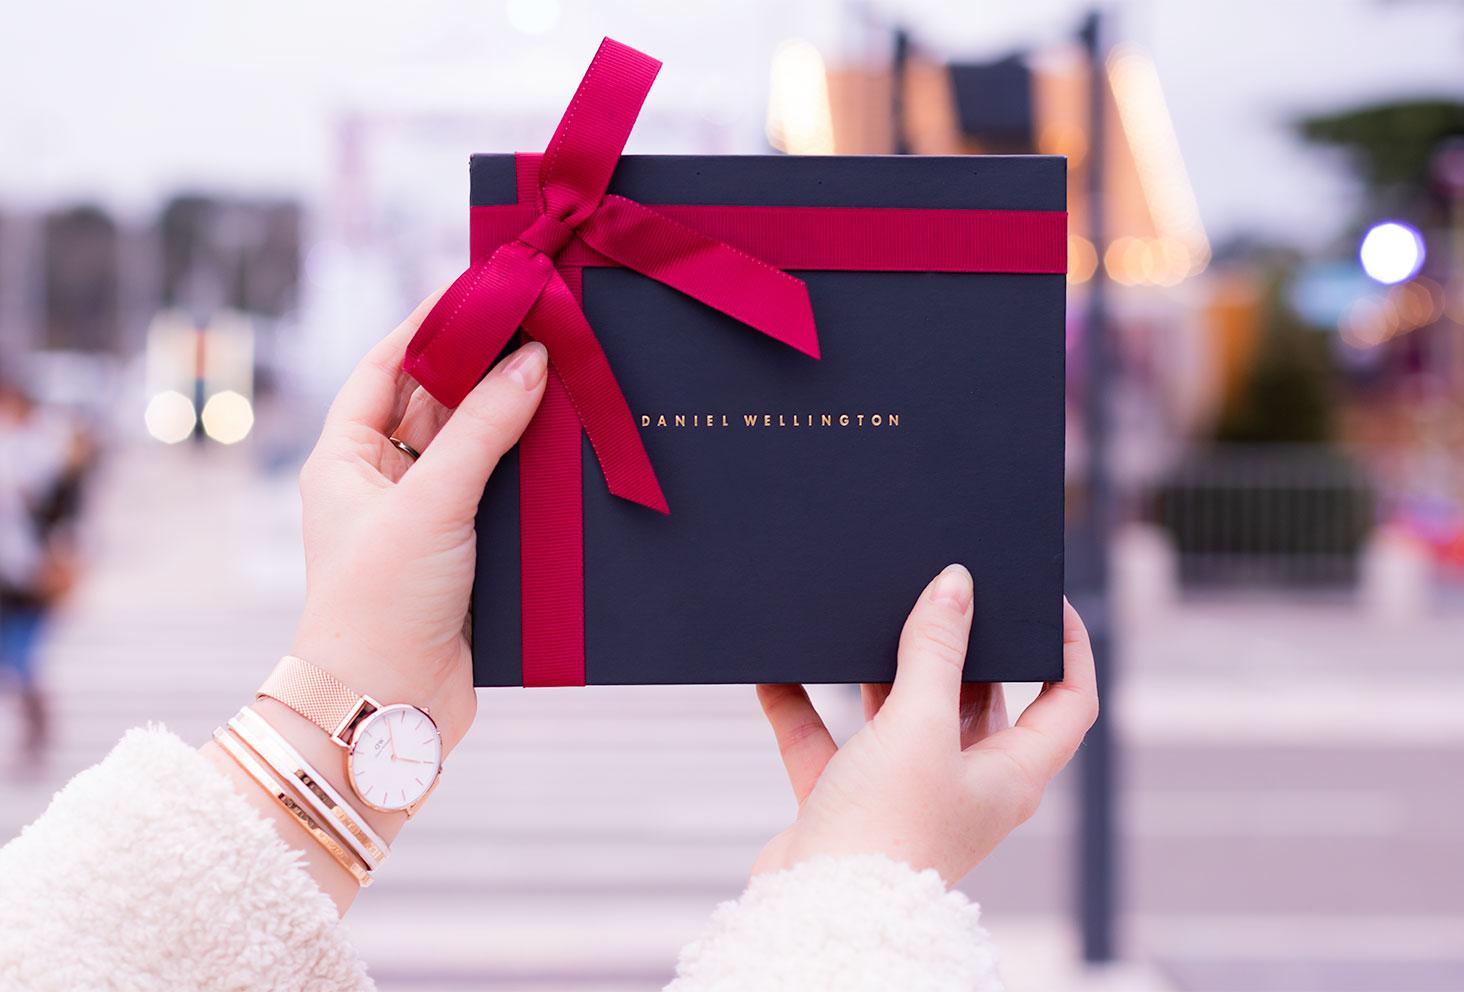 Un coffret cadeau Daniel Wellington tenu entre les mains au milieu des lumières de Noël en pleine ville, la montre Classic petite Melrose portée au poignet